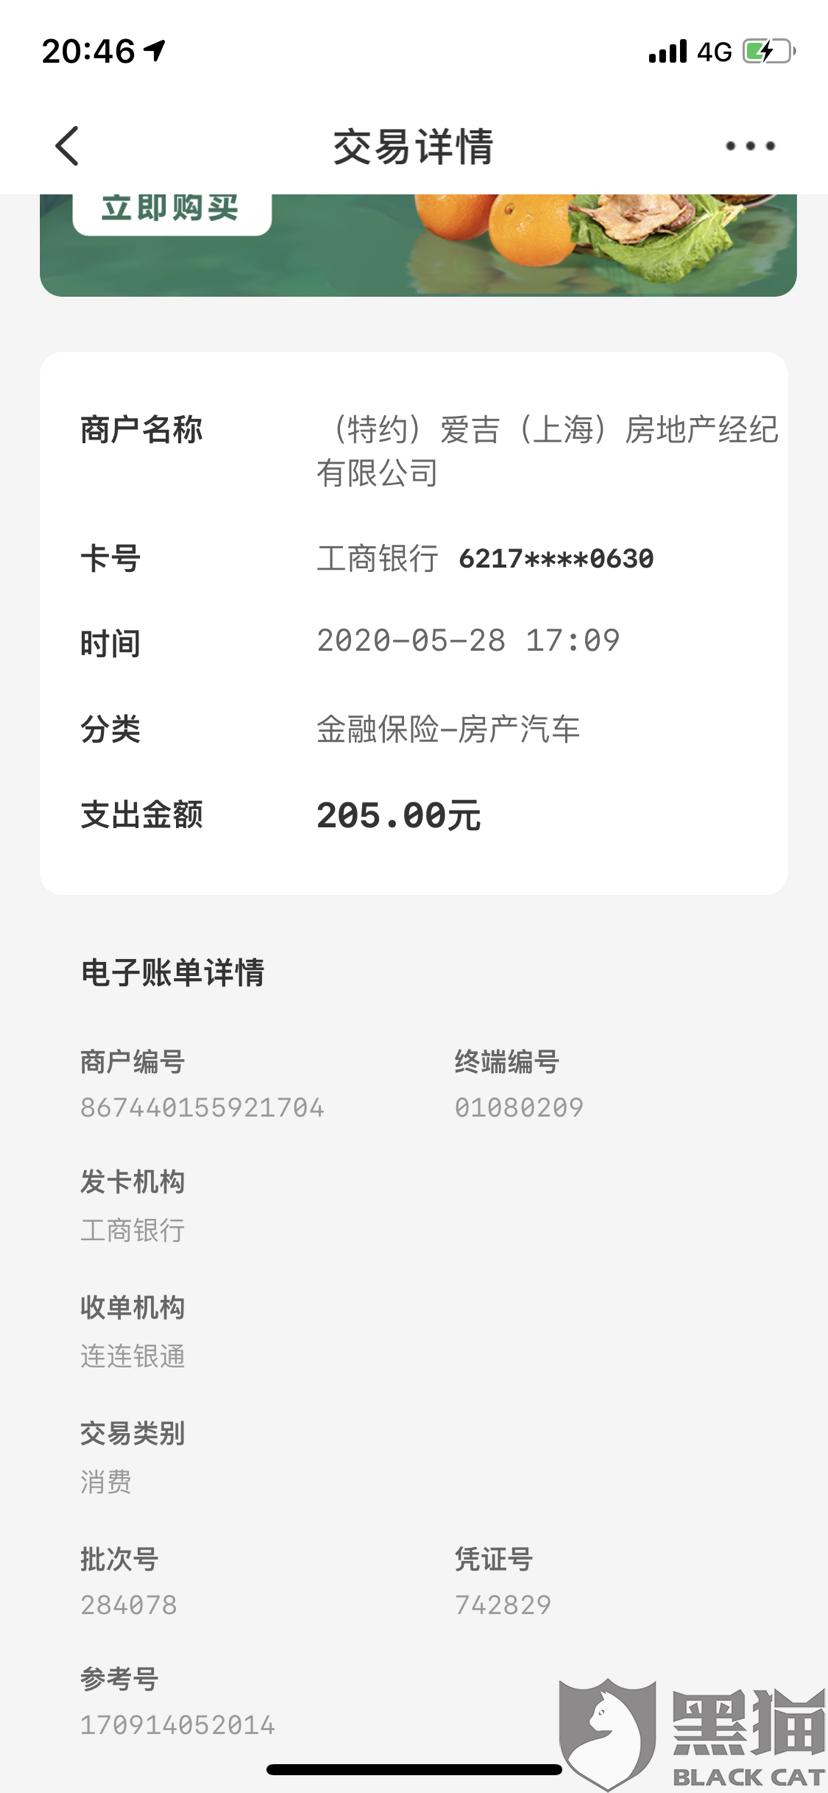 黑猫投诉:(特约)爱吉(上海)房地产经纪有限公司 无故扣款